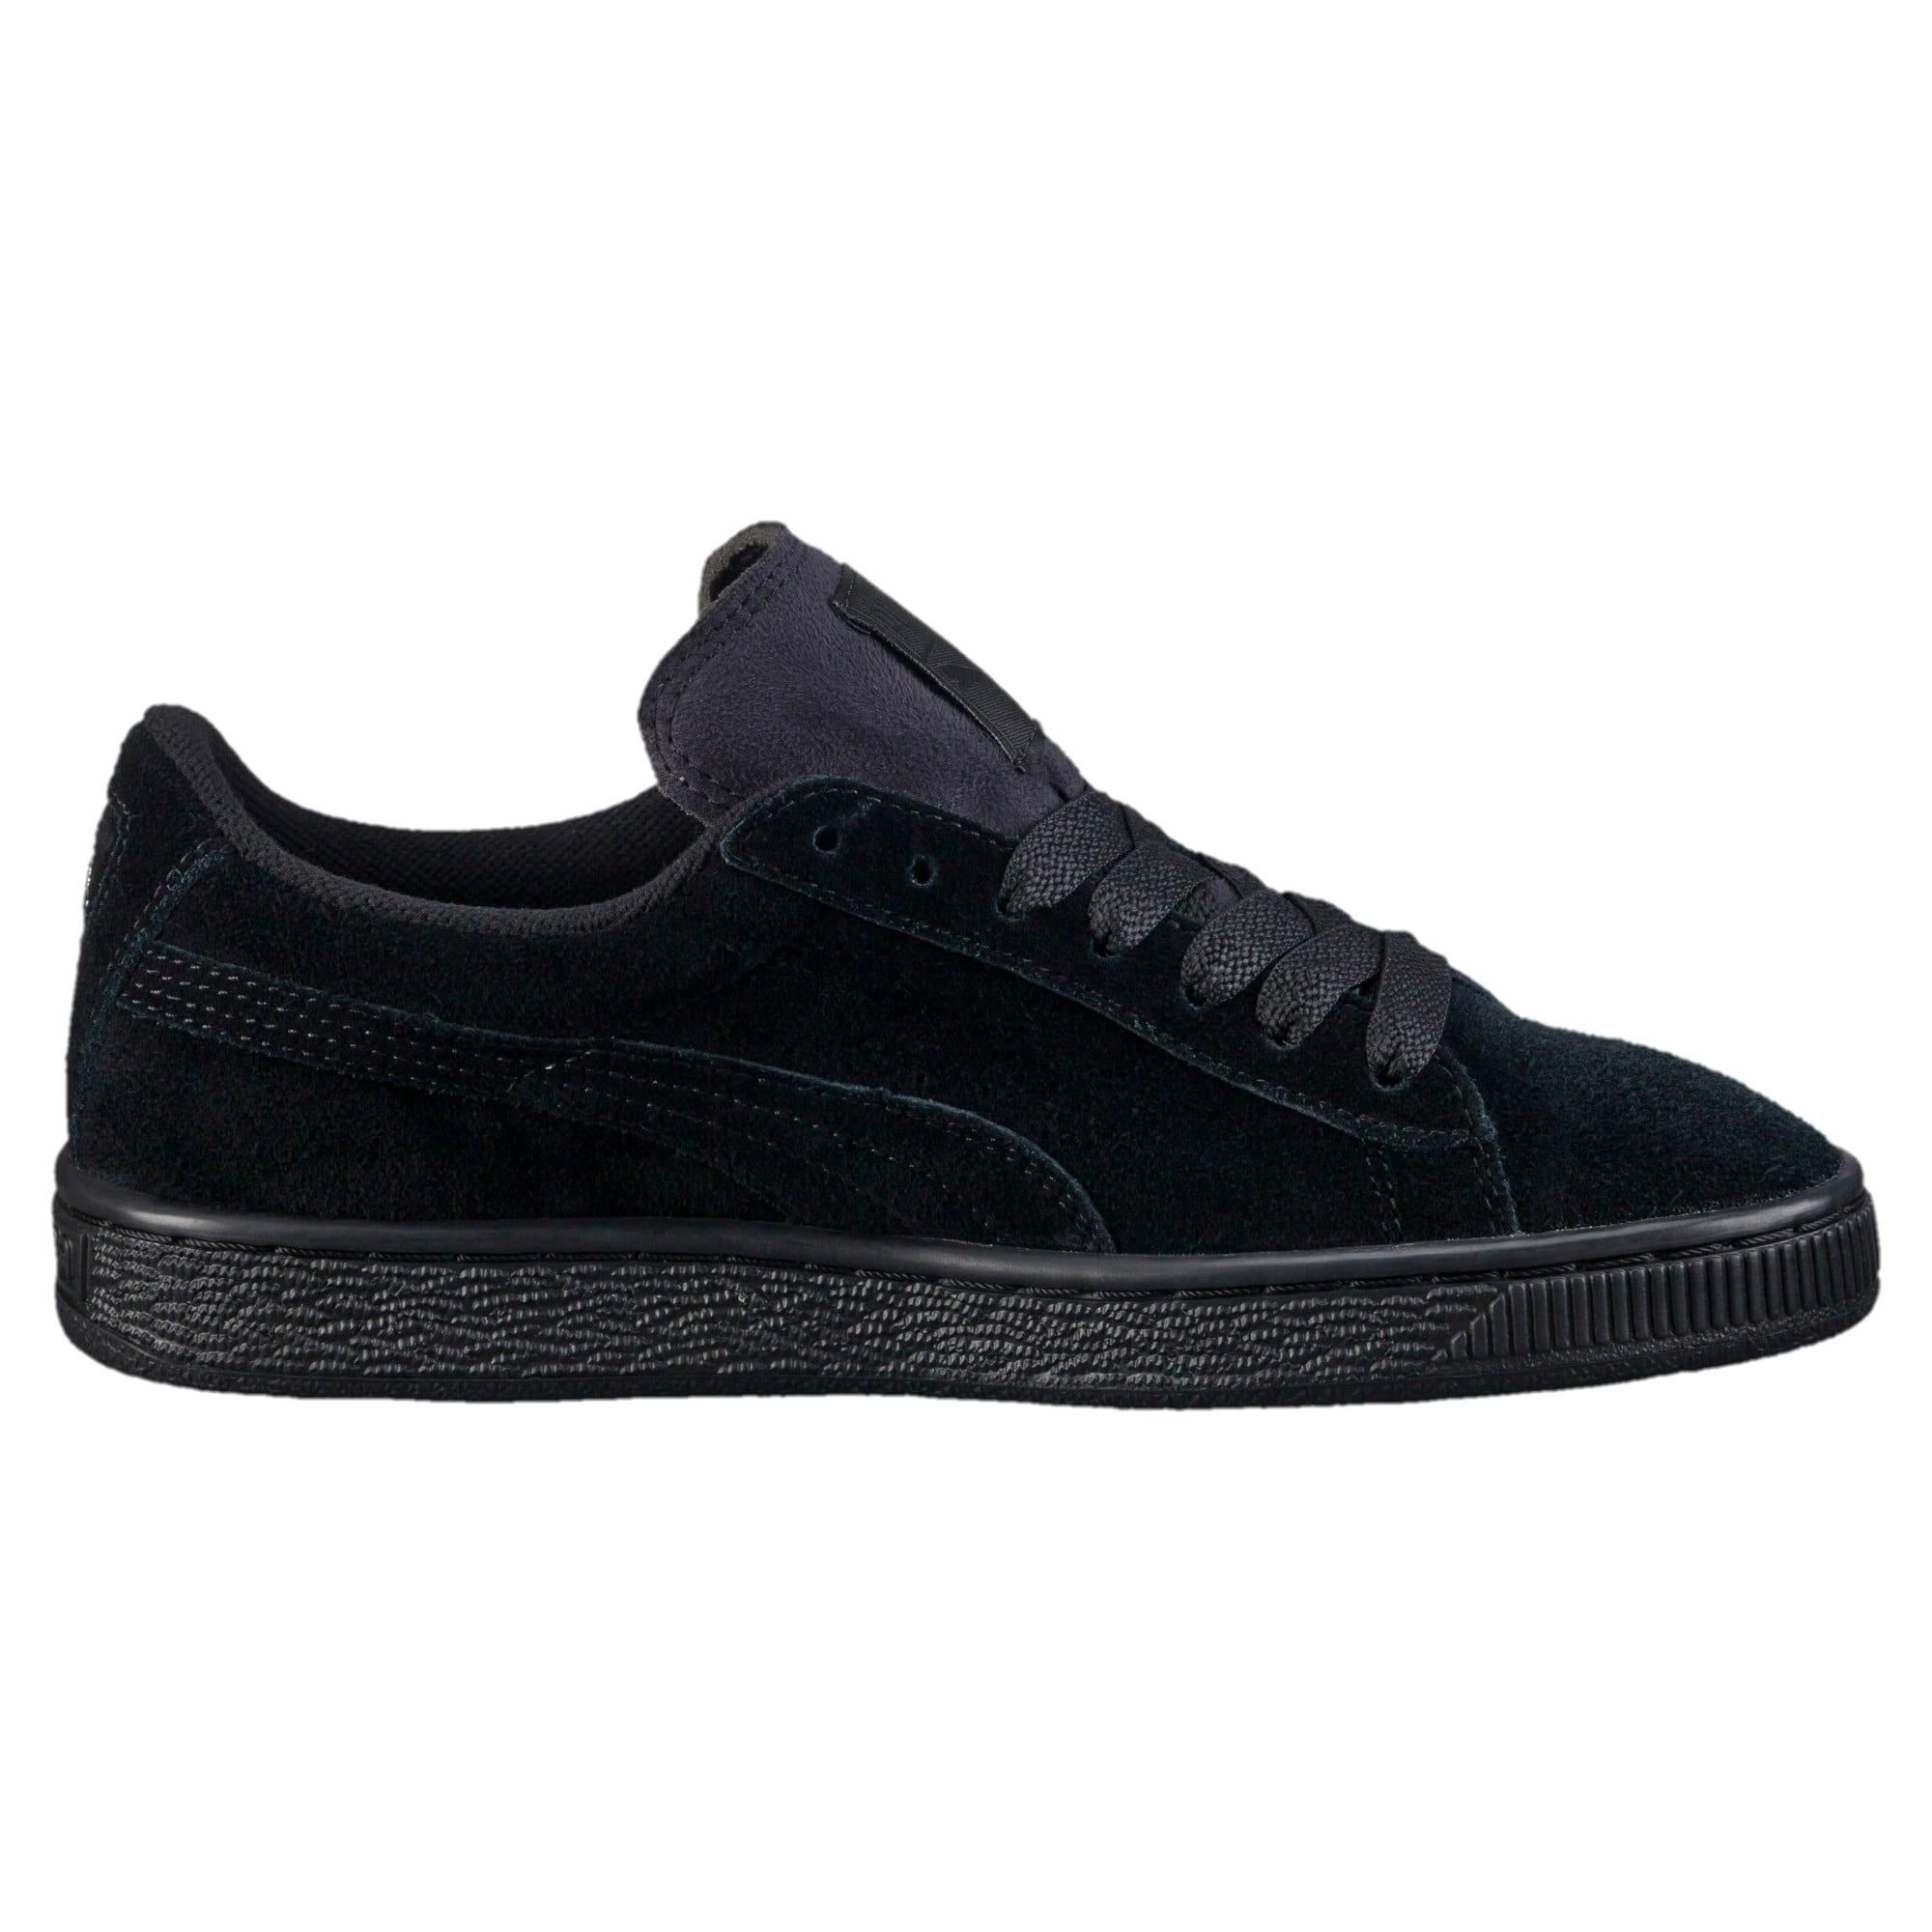 Miniatura 4 de Zapatos deportivos Suede para JR, black-puma silver, mediano